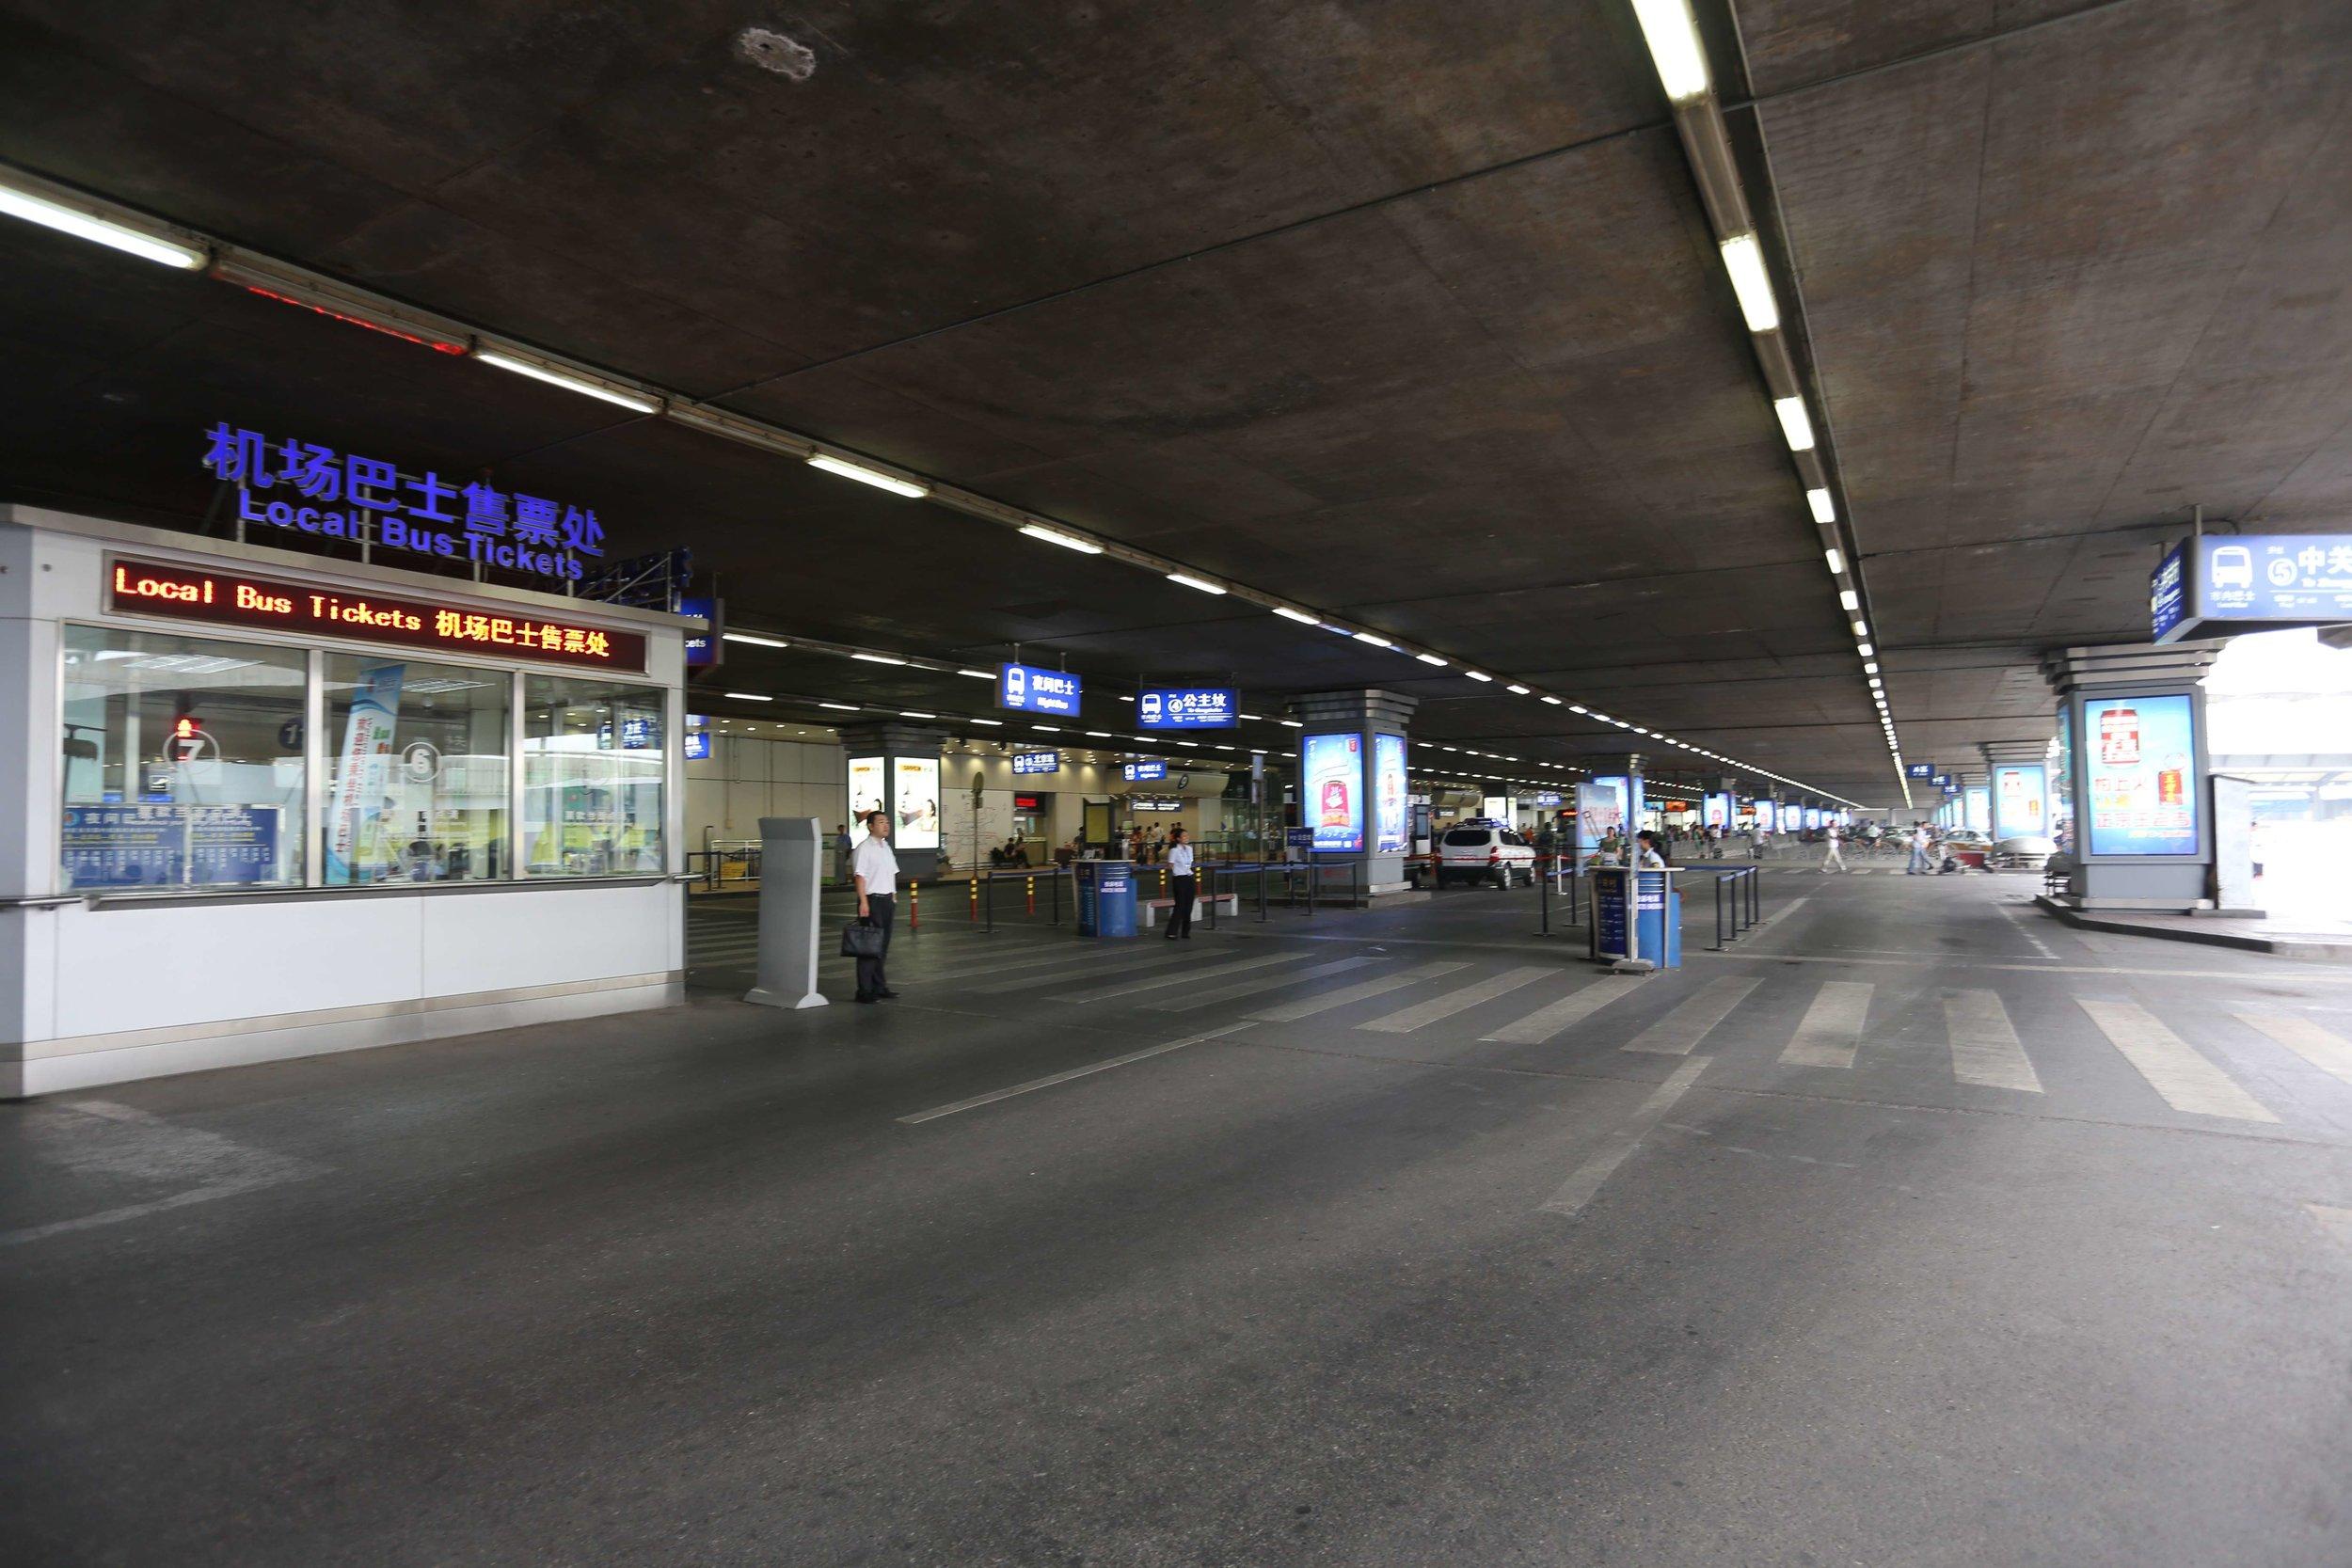 عند الخروج من مطار العاصمة بكين الدولي كان هذا المنظر